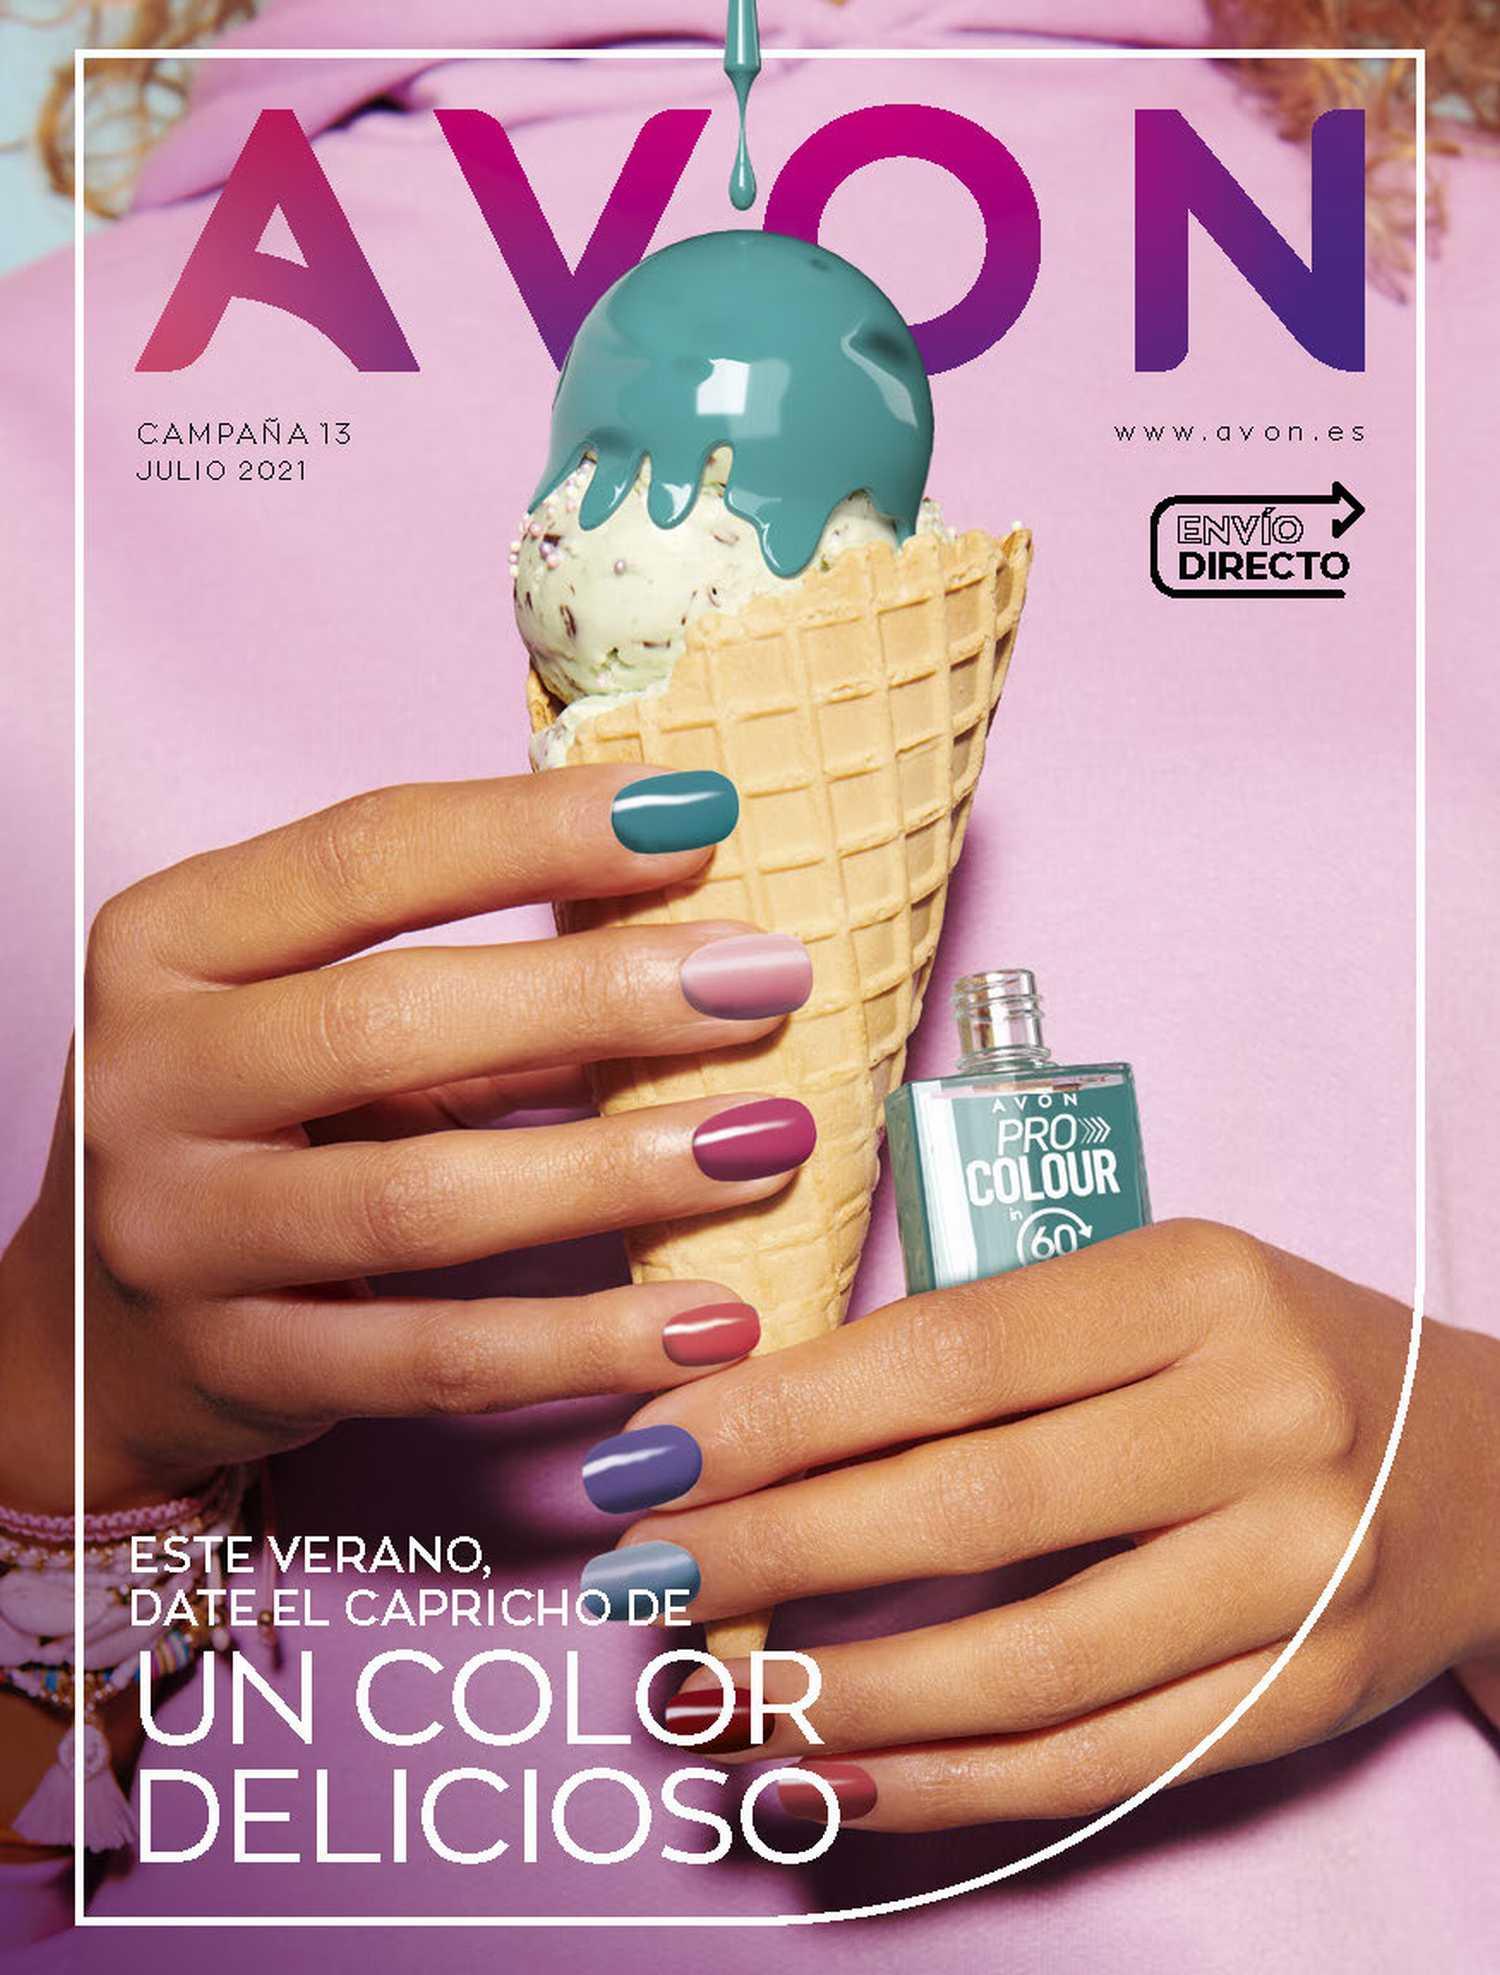 Catalogo Avon Campaña 13 2021 España